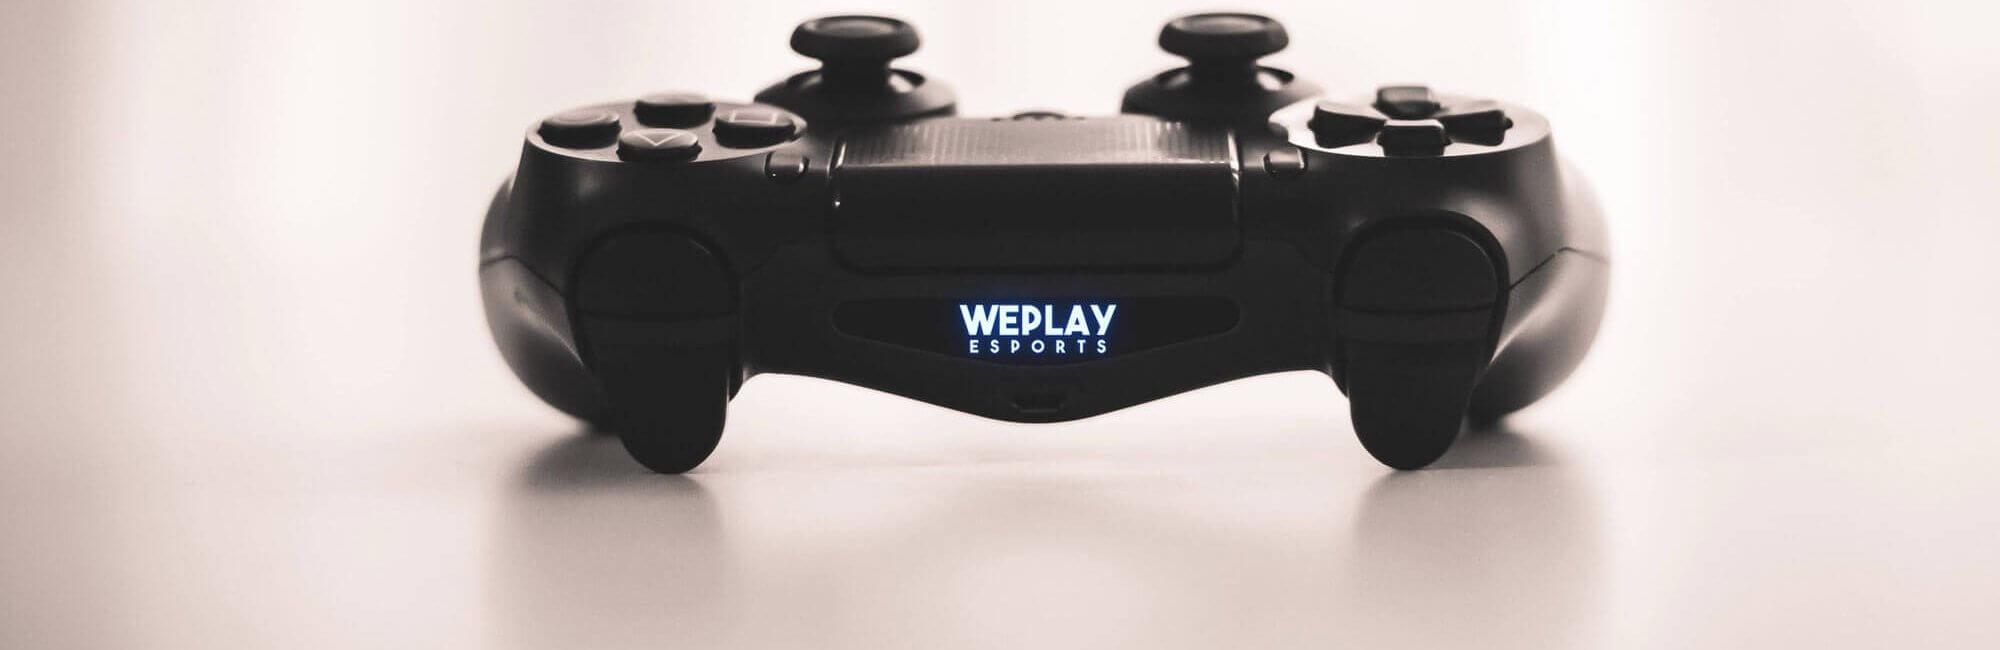 FIFA Tournament wordt onderdeel van WePlay Esports